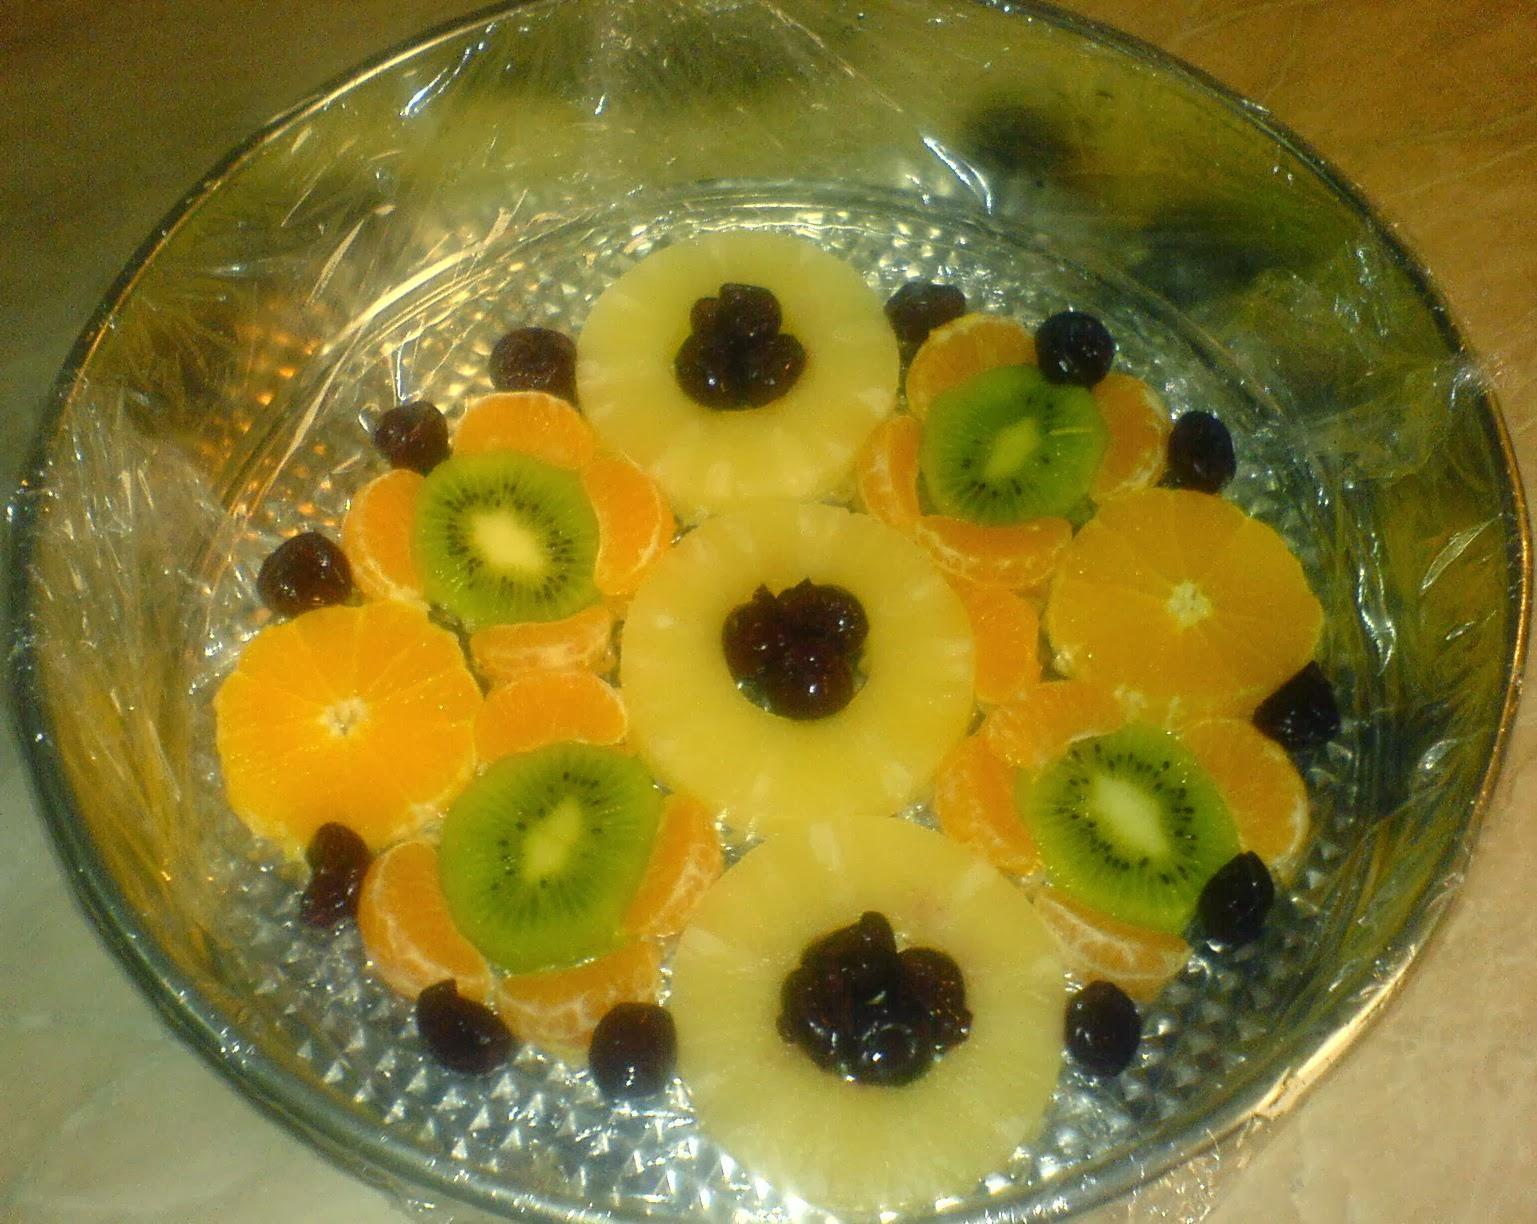 preparare tort diplomat, preparare tort diplomat cu fructe, preparare tort diplomat cu fructe si piscoturi, cum se prepara tortul diplomat, cum facem tort diplomat, cum preparam tort diplomat, retete si preparate culinare tort diplomat cu fructe si piscoturi,